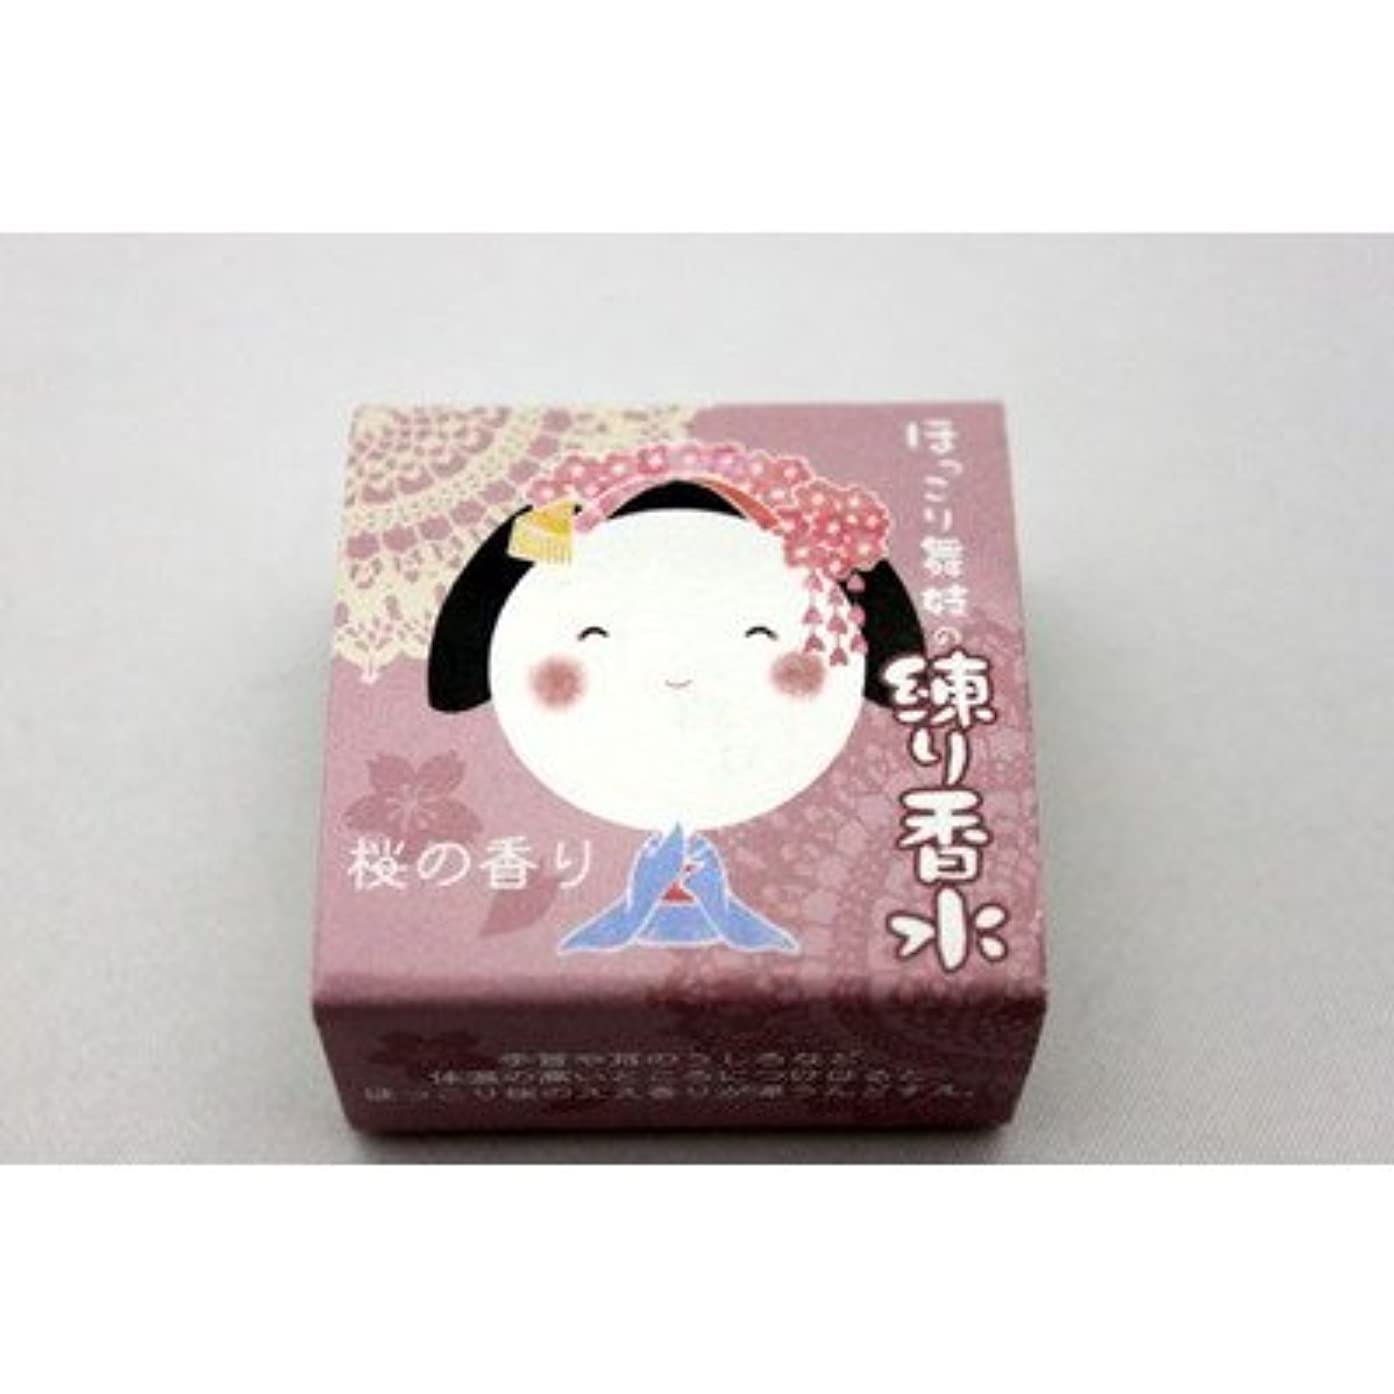 自動的にバラ色恋人練り香水 桜の香り ほっこり舞妓 京都 ほっこりさん